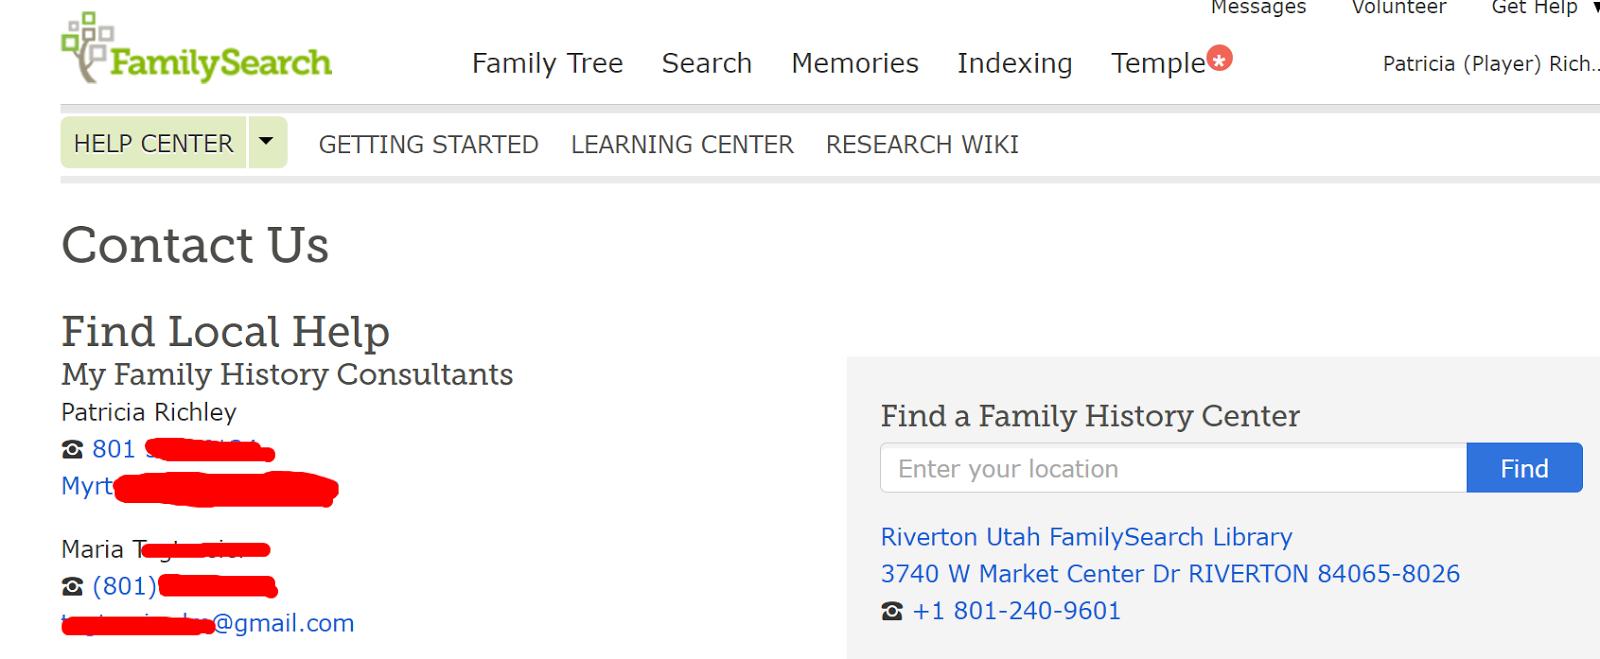 DearMYRTLE's Genealogy Blog: FamilySearch personal info